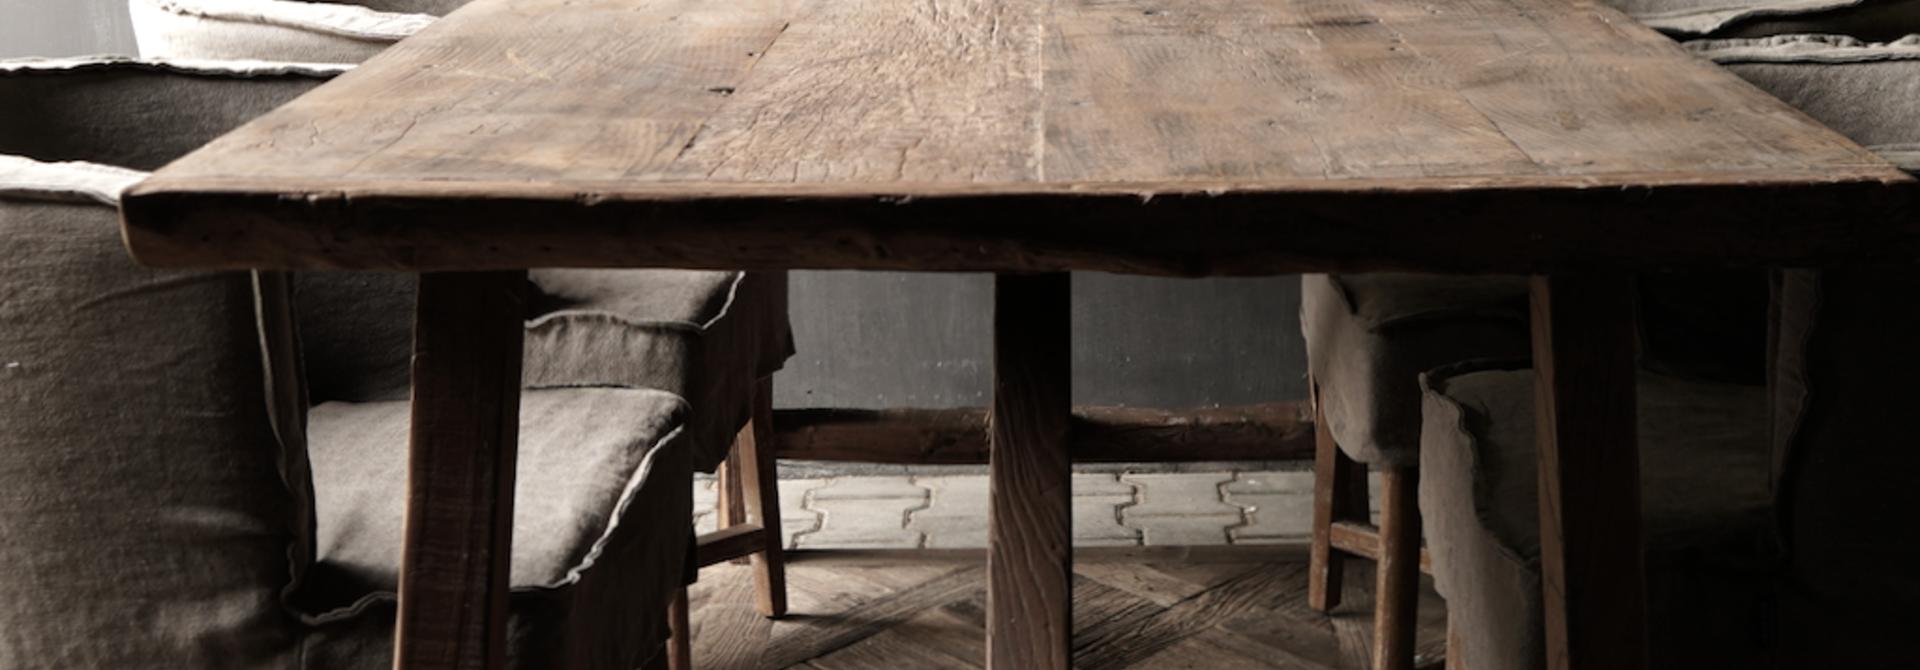 Stoer Eetkamer tafel van gebruikt fruitbomen hout